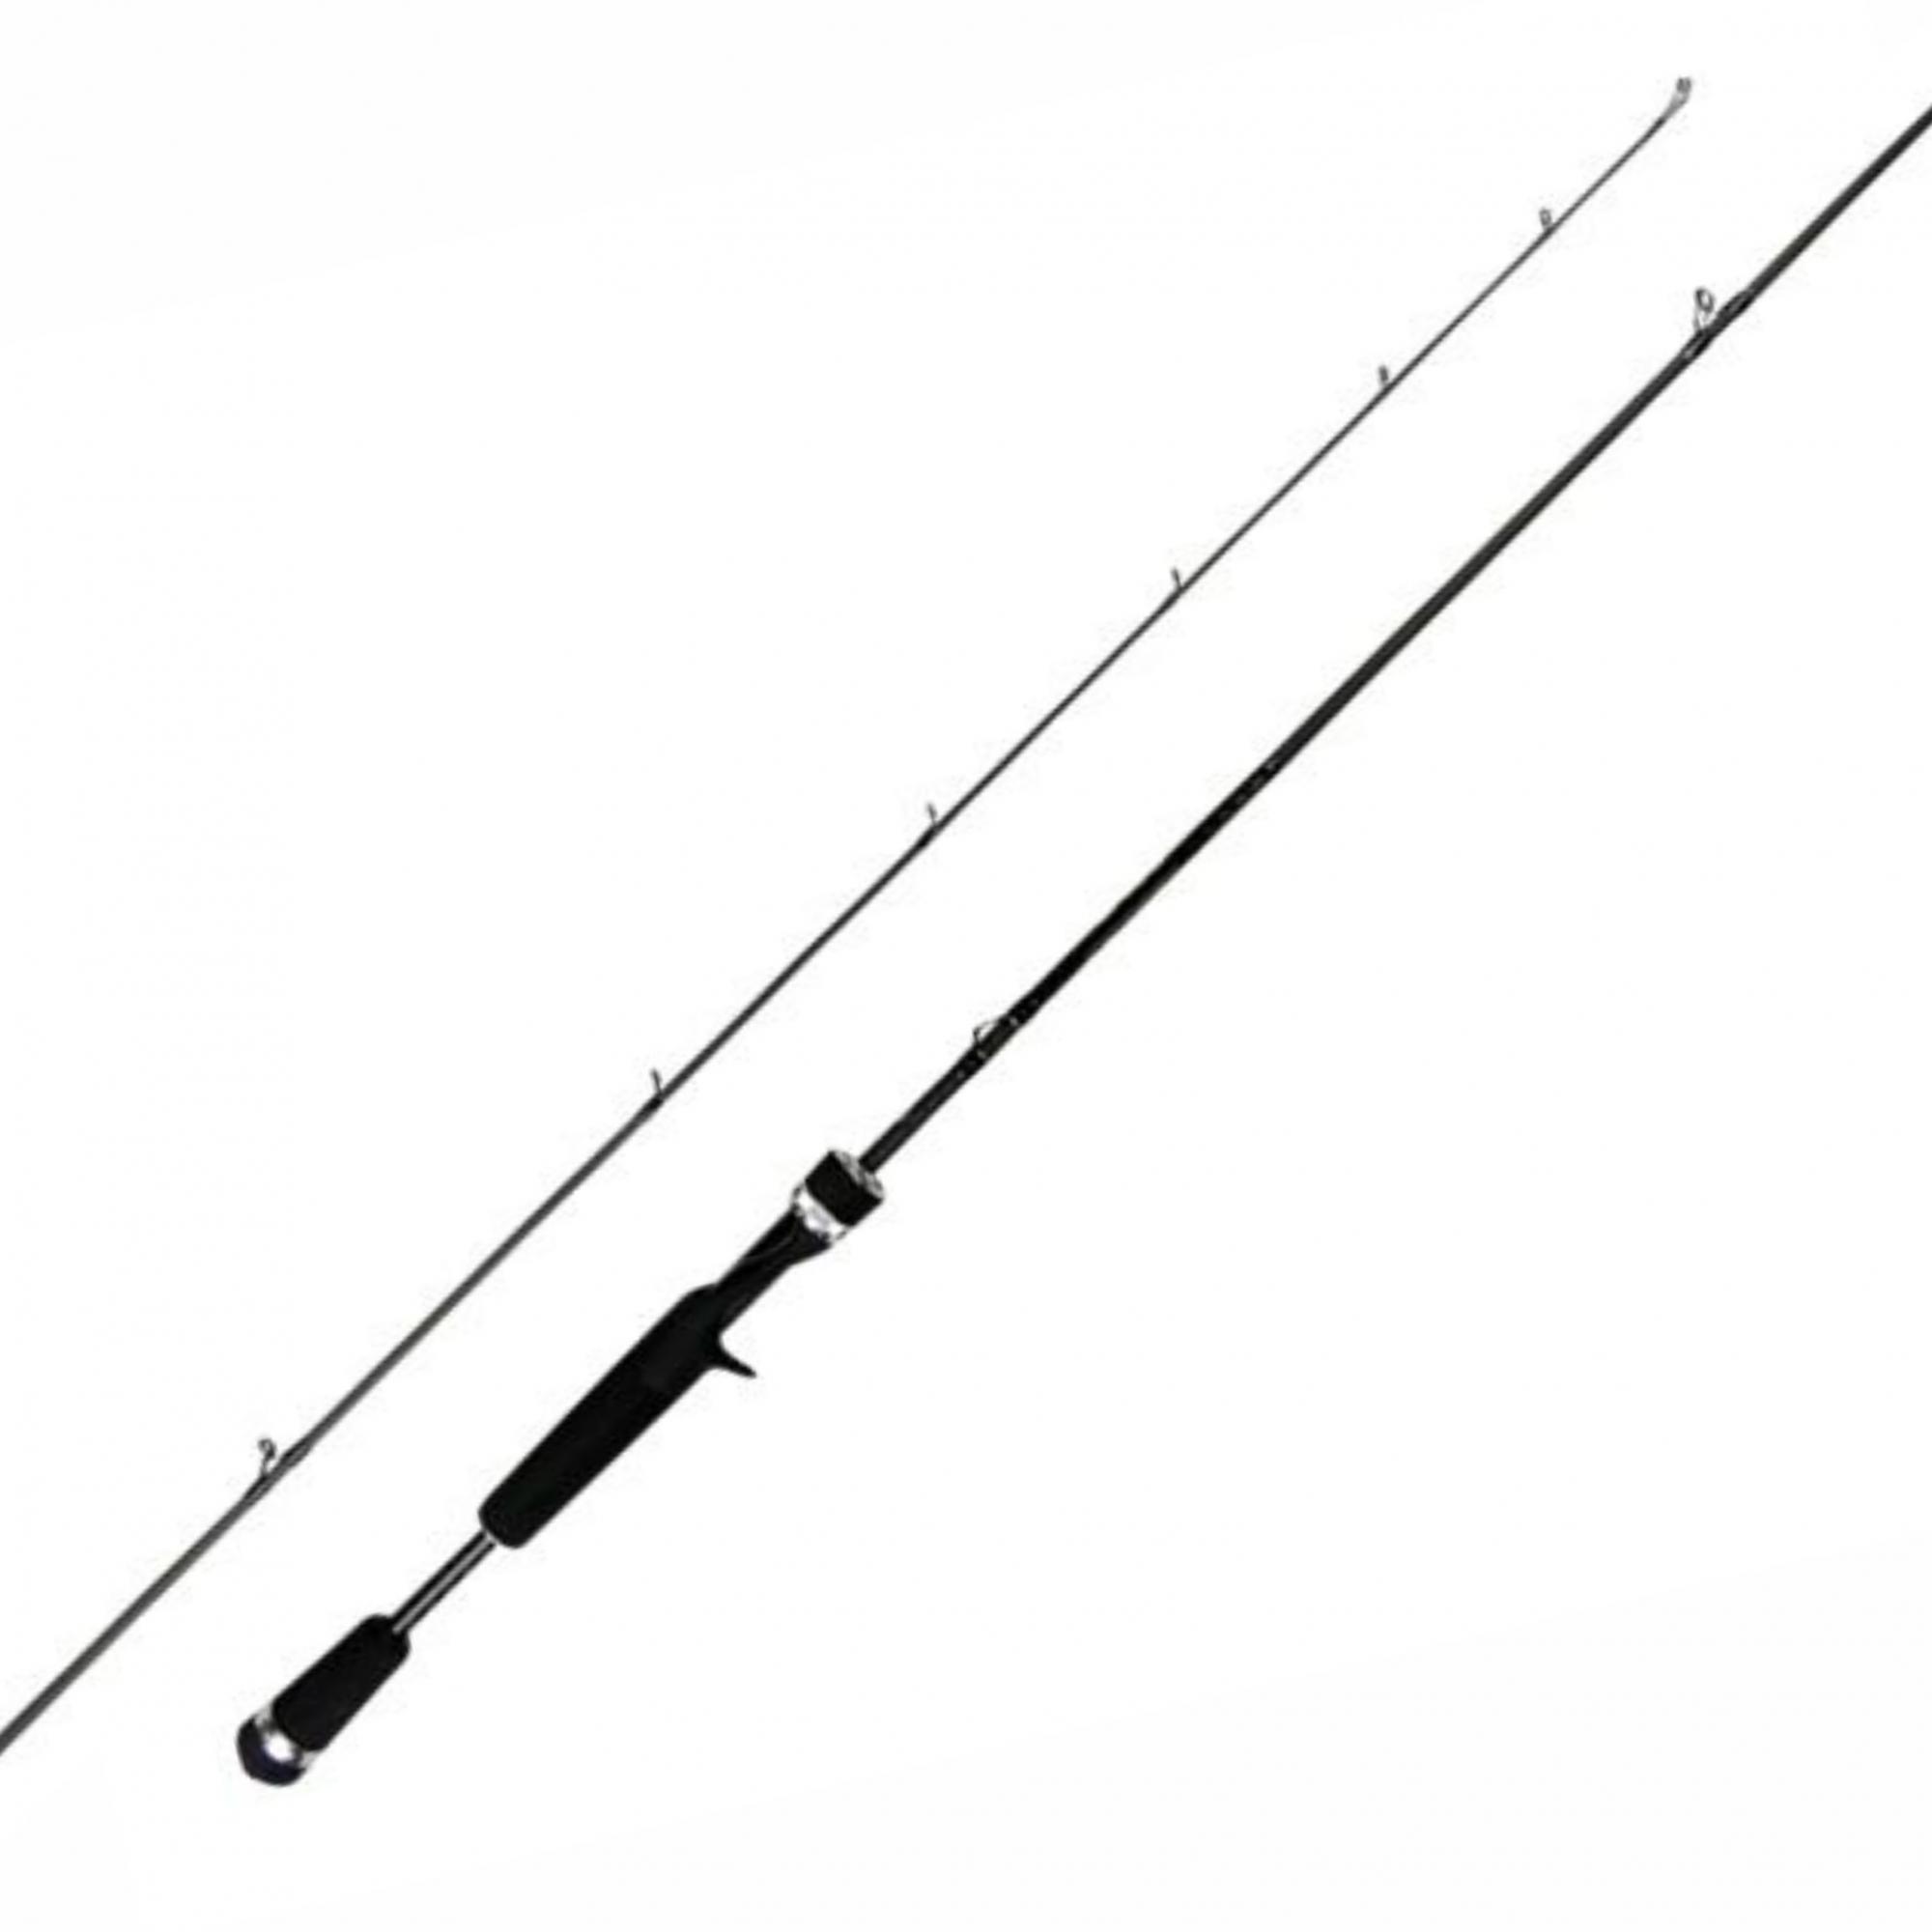 Vara 13 Fishing Fate Black 581 1,73m 10-17lb Para Carretilha Inteiriça  - Pesca Adventure